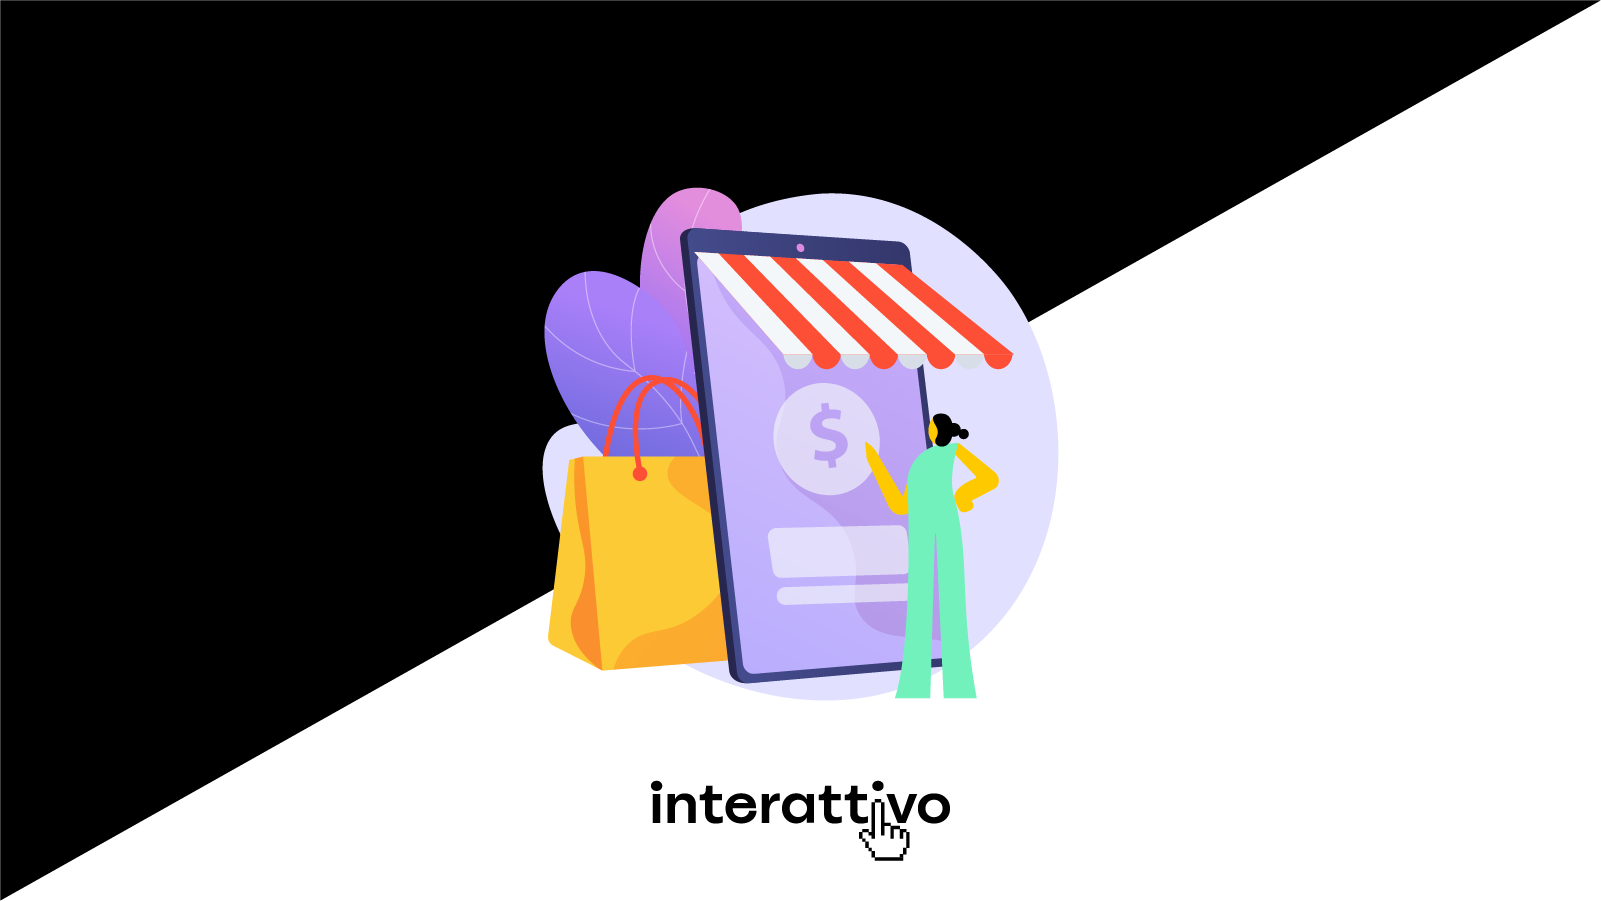 Come la tecnologia aiuta i retailers a migliorare la customer experience.